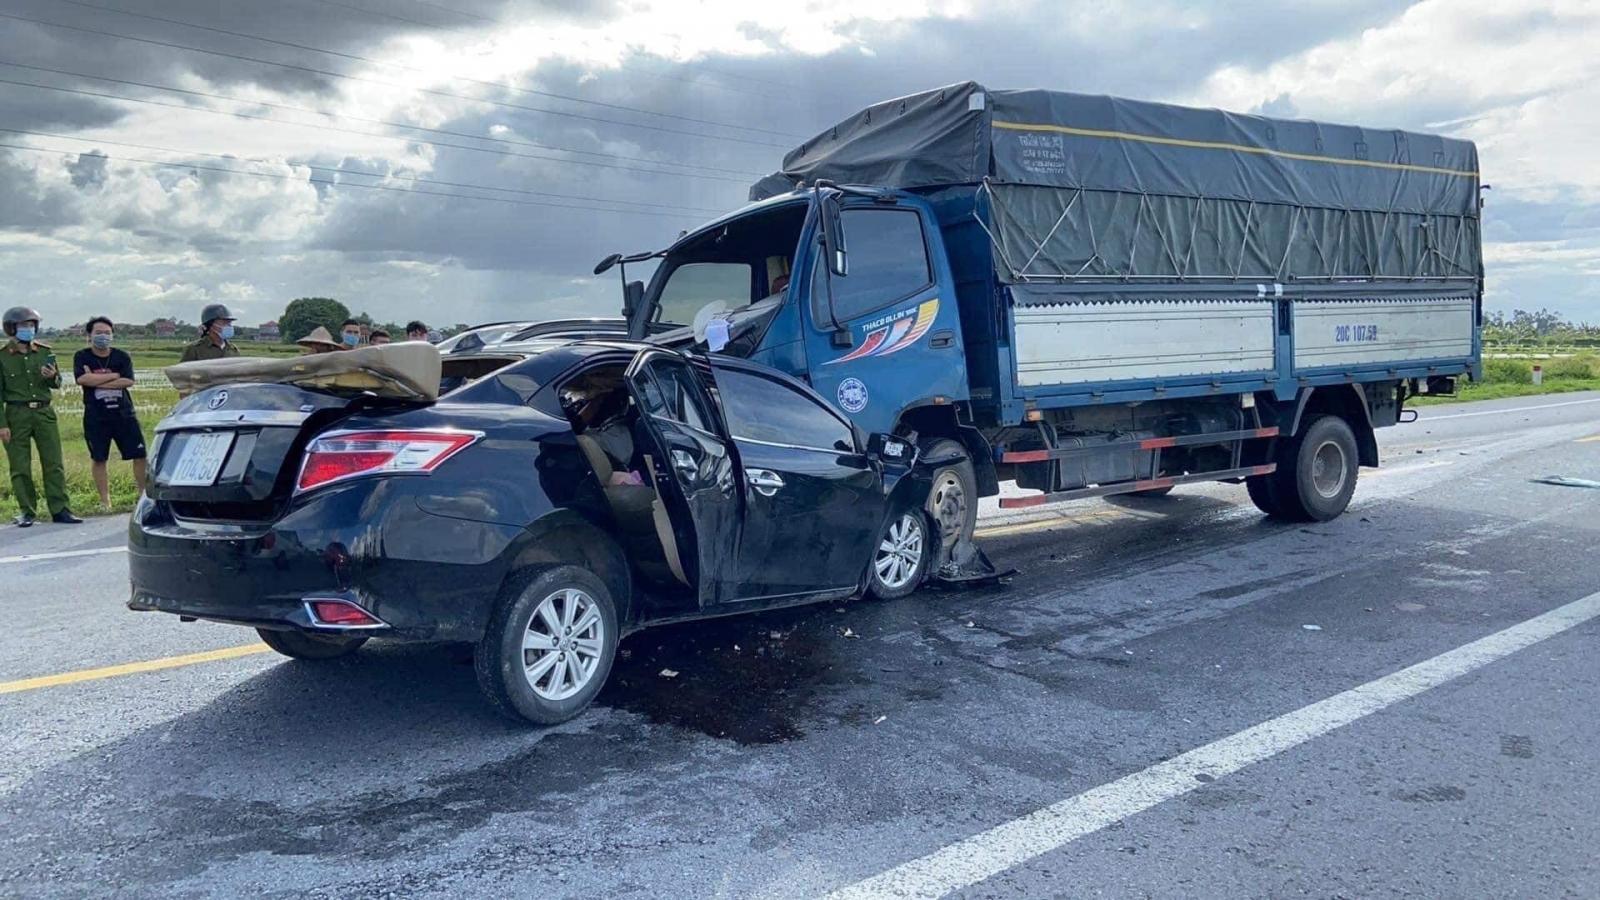 Vụ tai nạn3 người chết ở Hưng Yên: Xe còn đăng kiểm, lái xe không có nồng độ cồn, ma túy